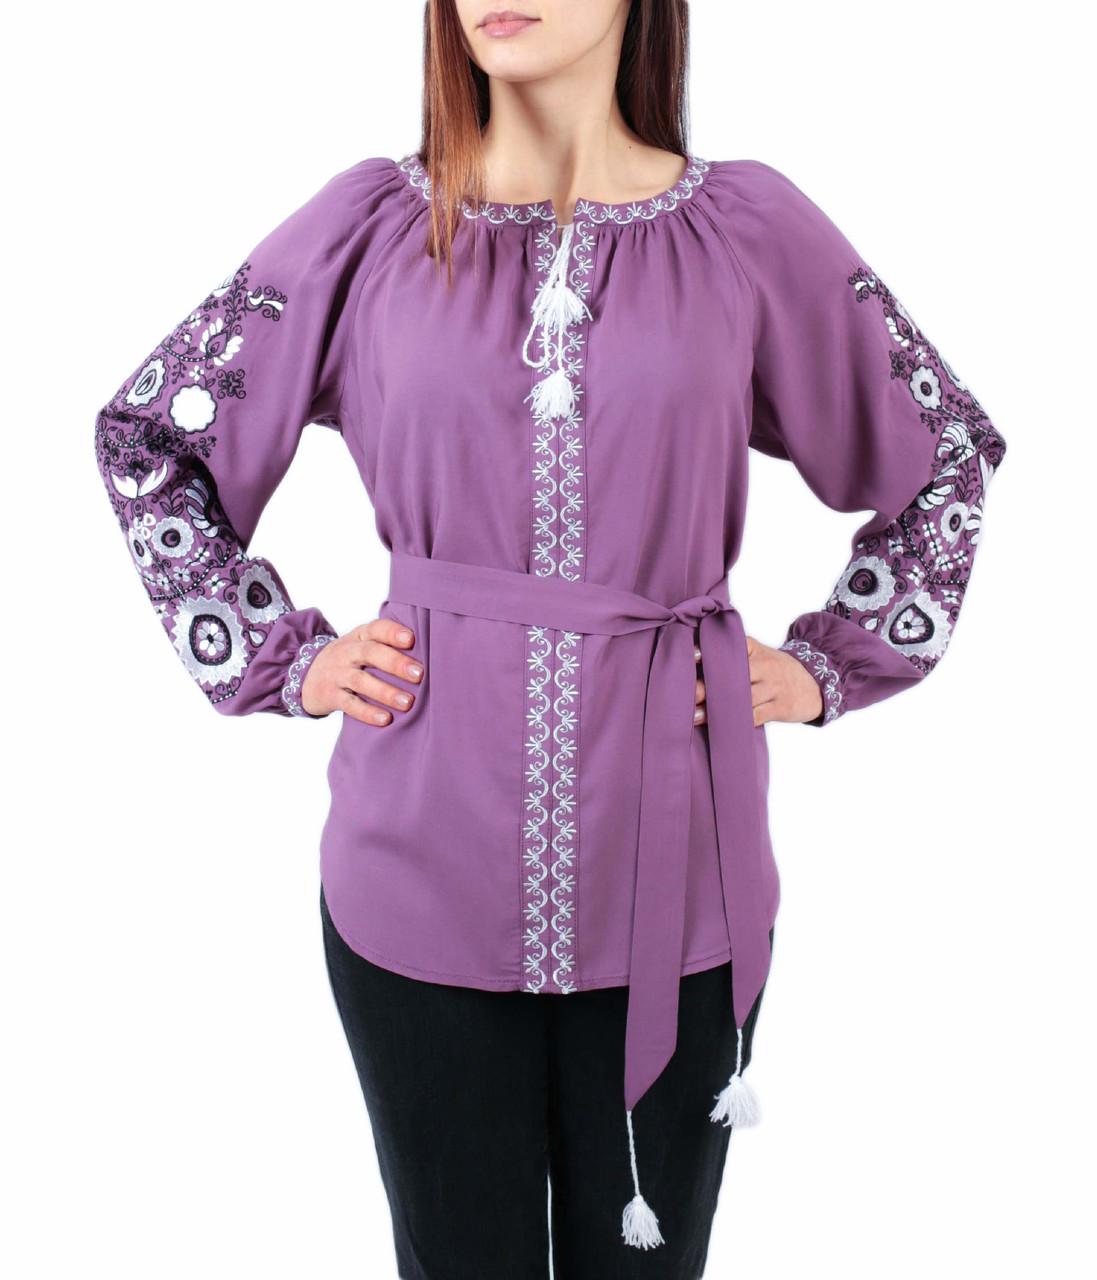 Жіноча блузка бузкового кольору з машинною вишивкою недорого